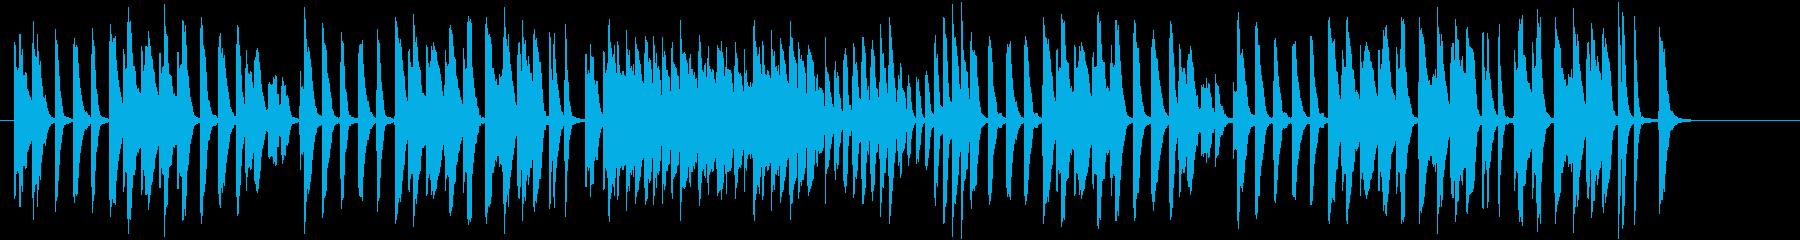 料理/子供・キッズ/軽いピアノ曲の再生済みの波形